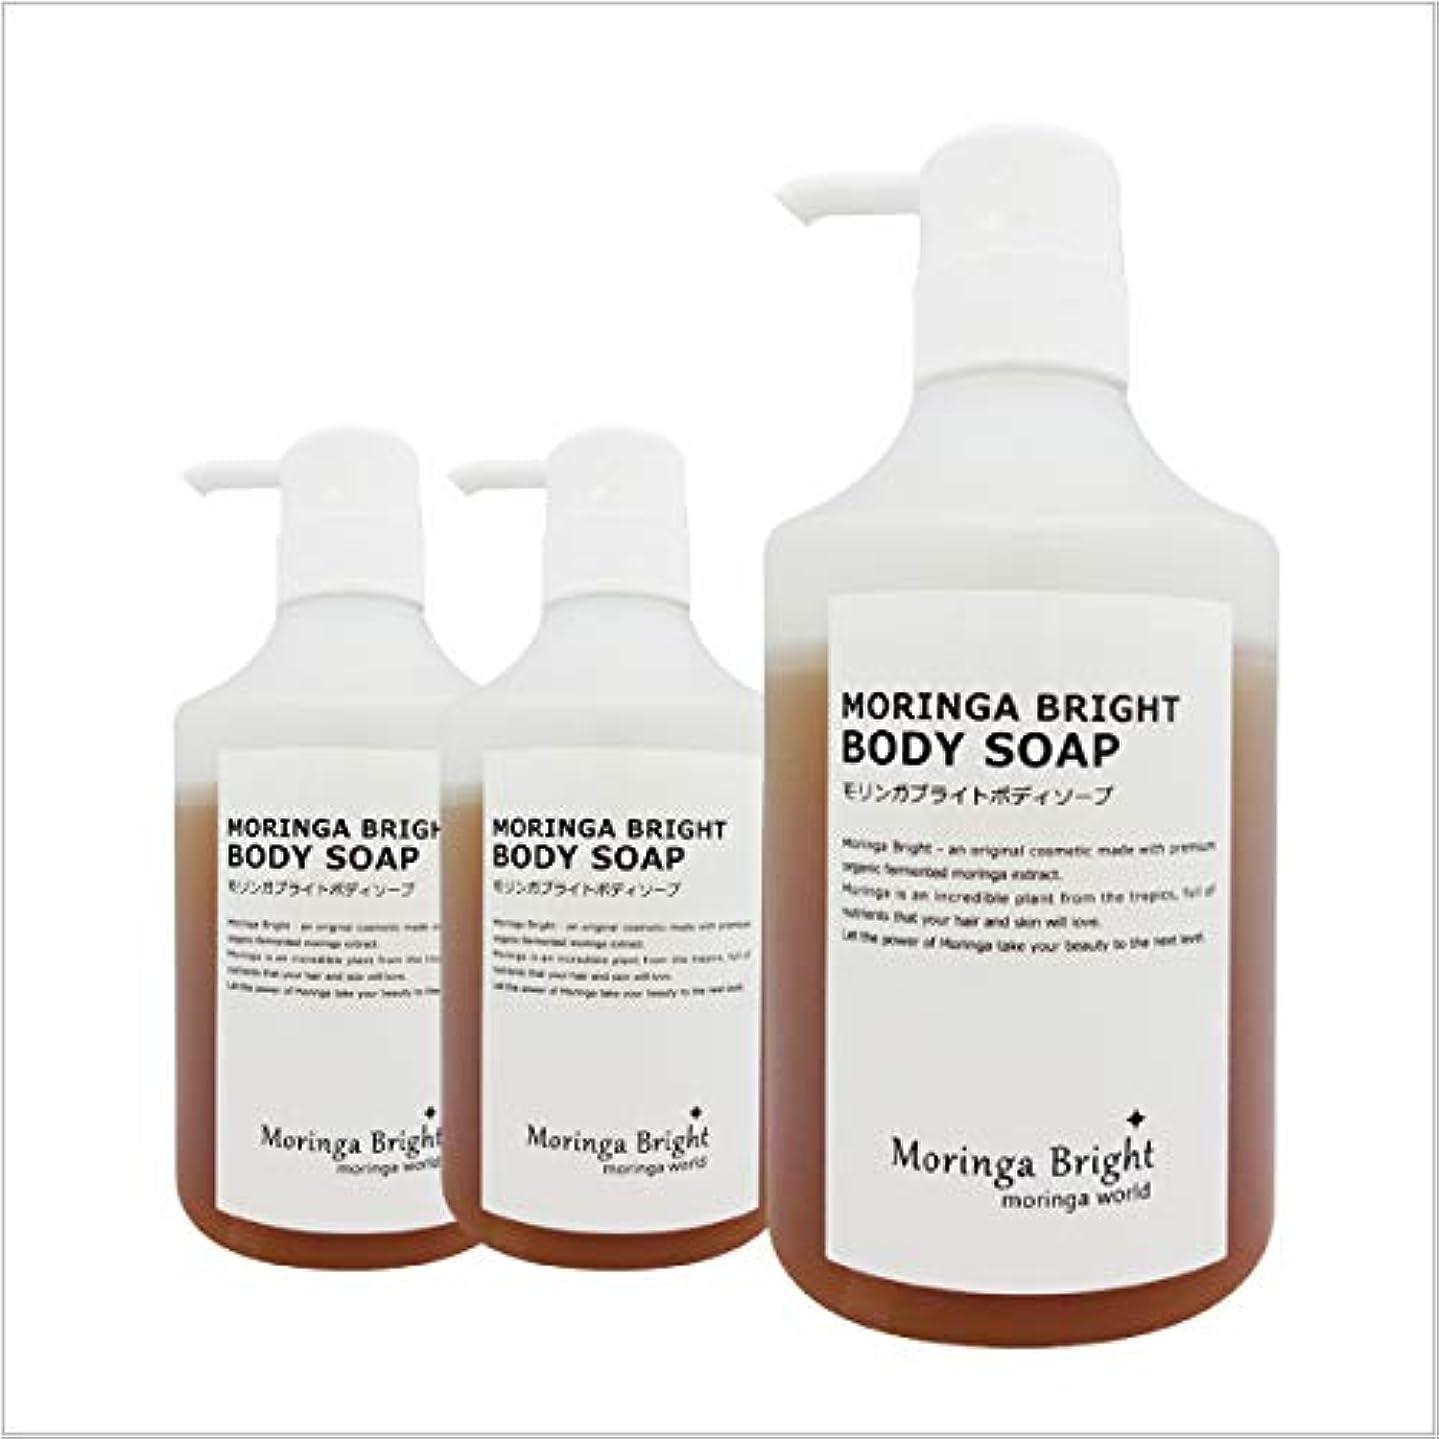 逸脱ジャンプ話すモリンガブライトボディソープ(450ml x 3本)洗顔もできる無添加ボディソープ オーガニックモリンガを乳酸発酵させた保湿美容成分「発酵モリンガエキス」配合」